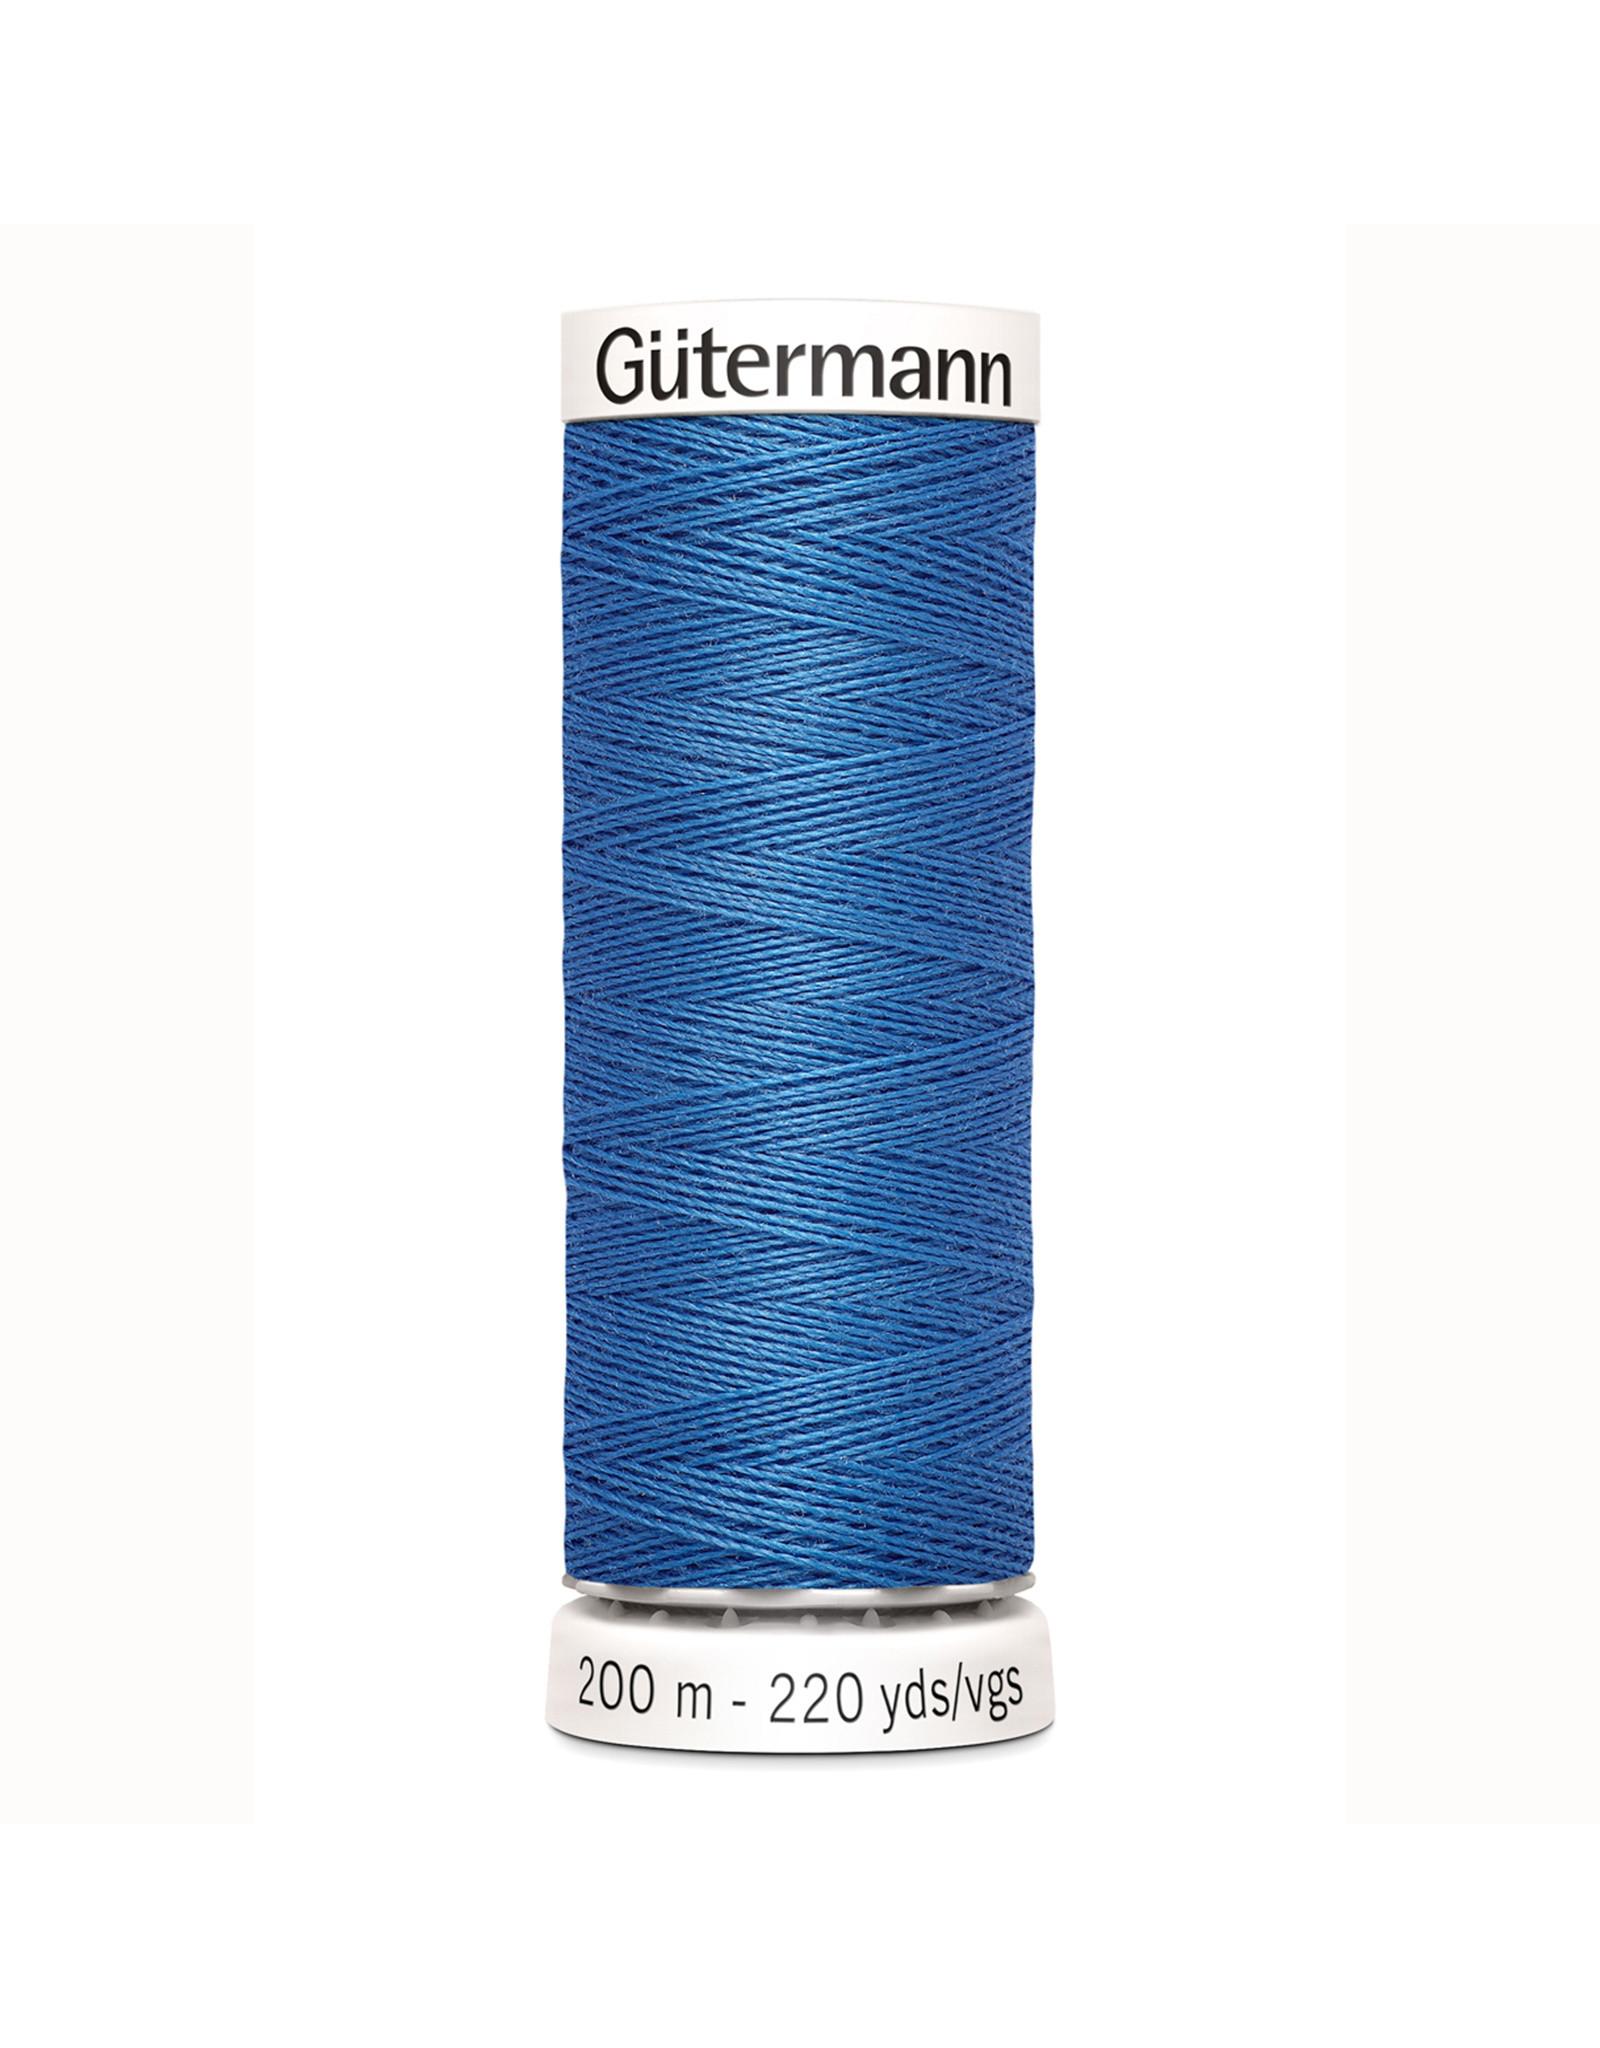 Gütermann Gütermann Nähgarn 200 m - nr 311